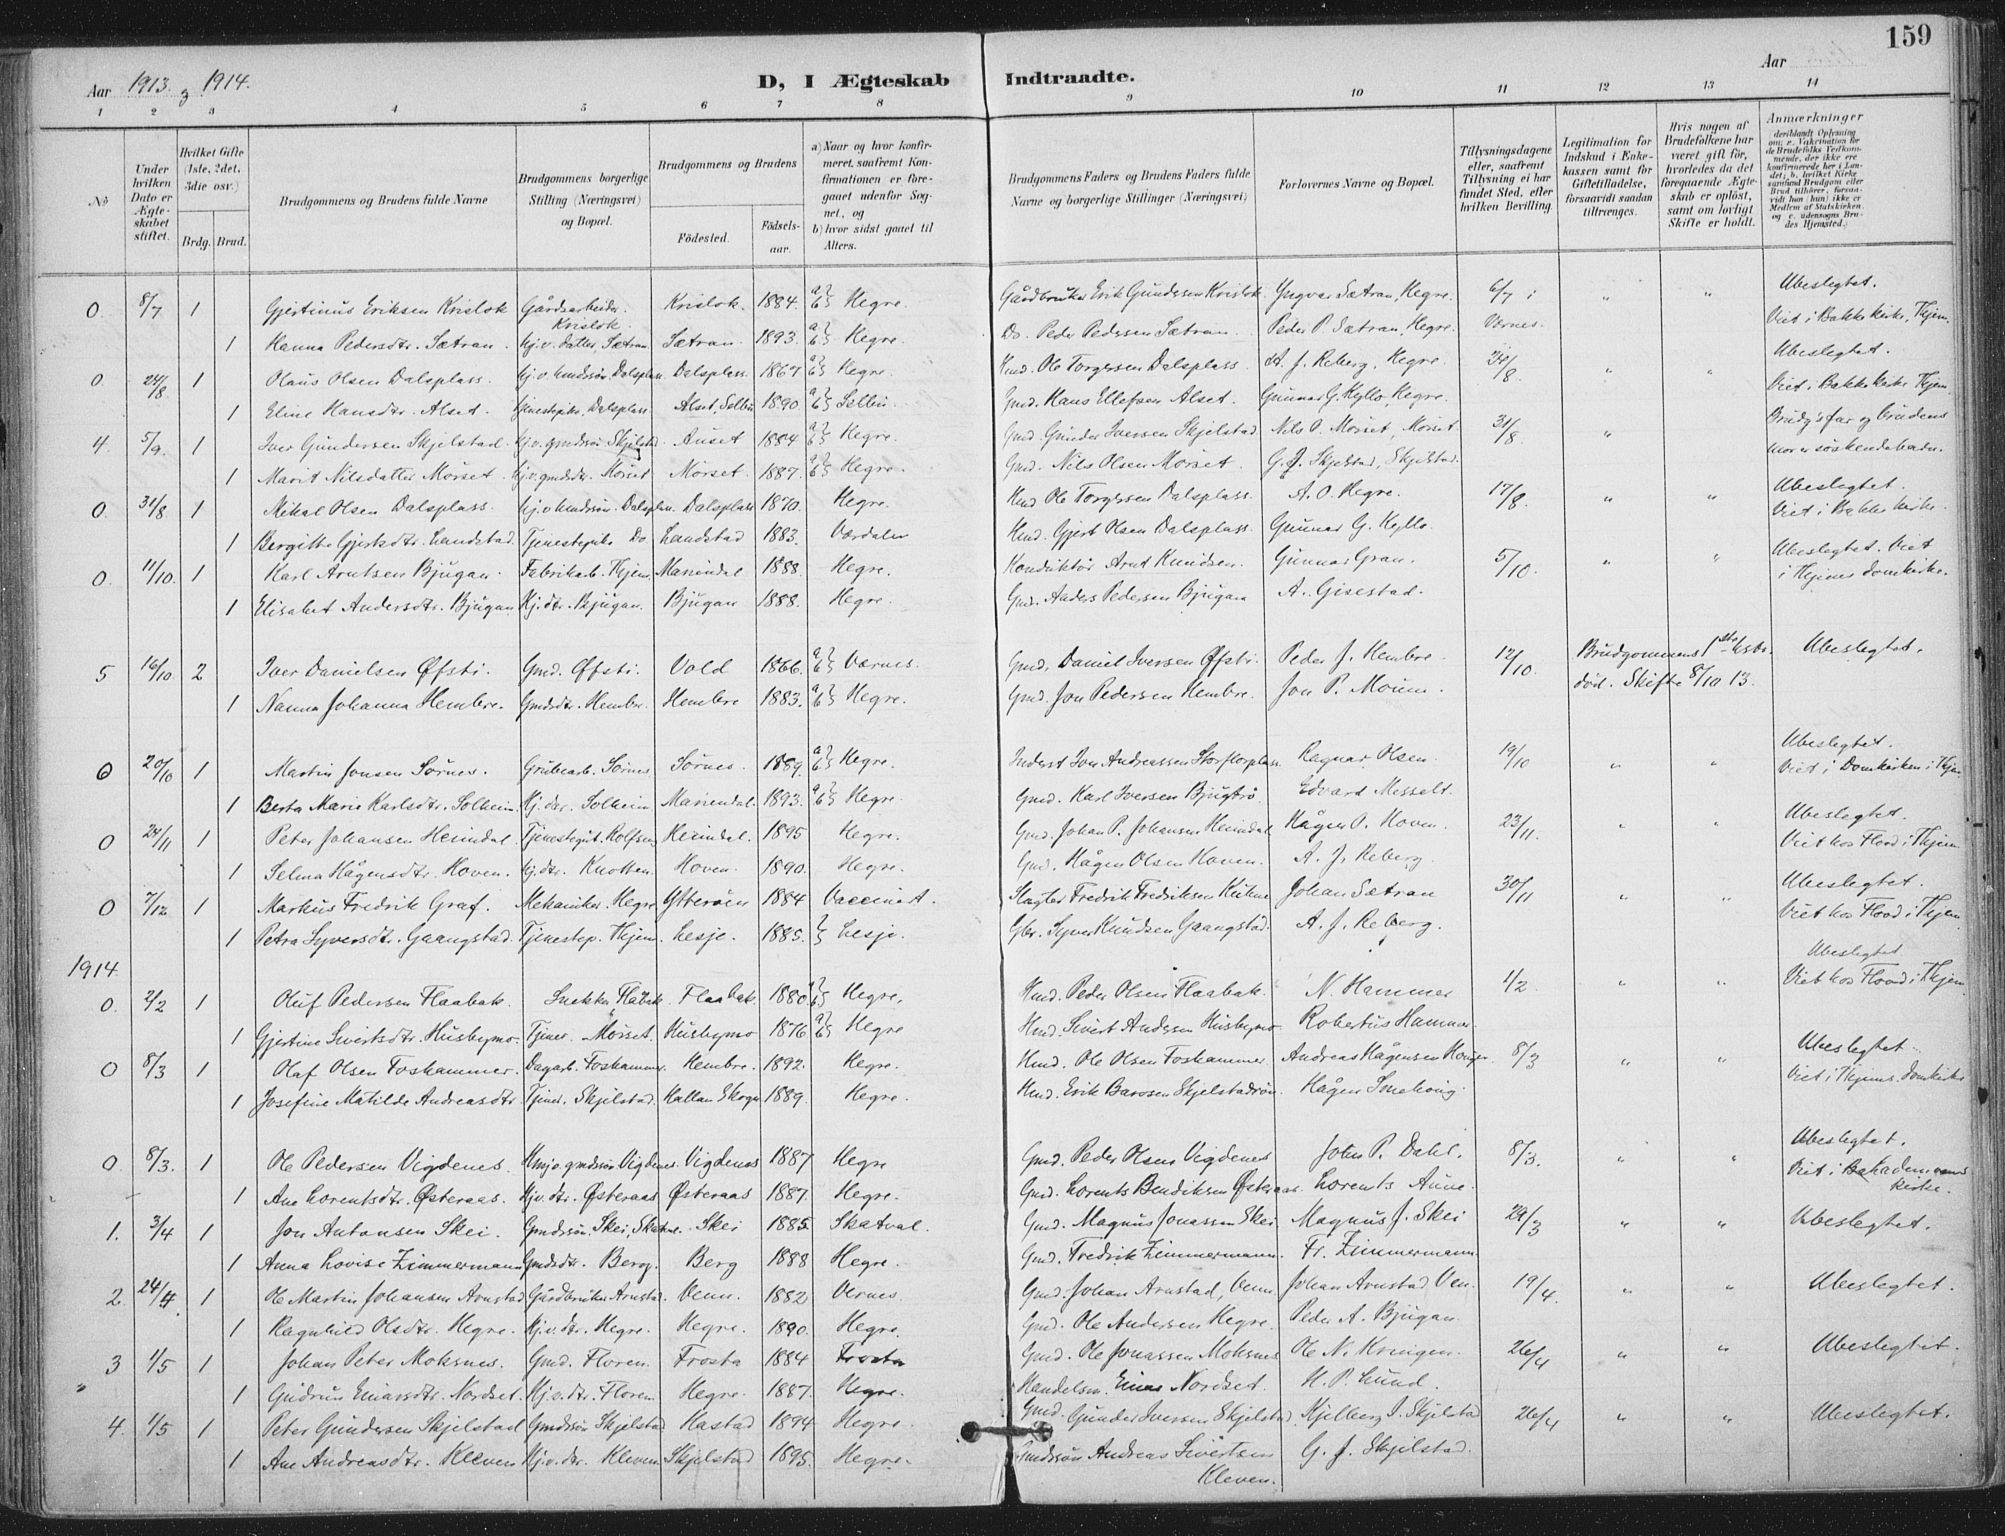 SAT, Ministerialprotokoller, klokkerbøker og fødselsregistre - Nord-Trøndelag, 703/L0031: Ministerialbok nr. 703A04, 1893-1914, s. 159